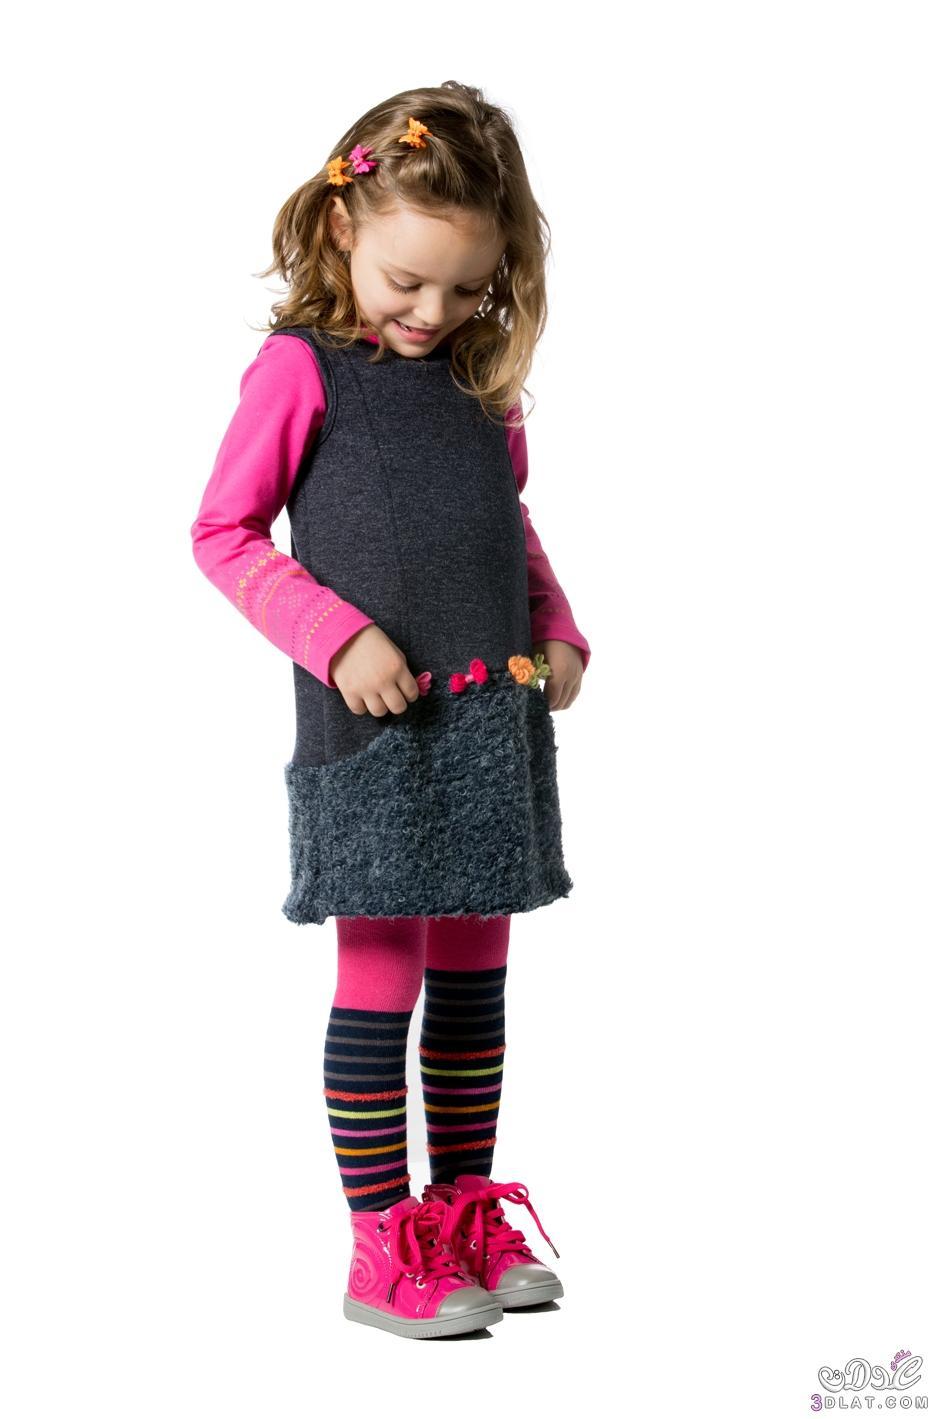 ad9dfc918 ازياء شتوية للاطفال 2020 , صور ملابس شتوية للبنات والولاد 2020 ...